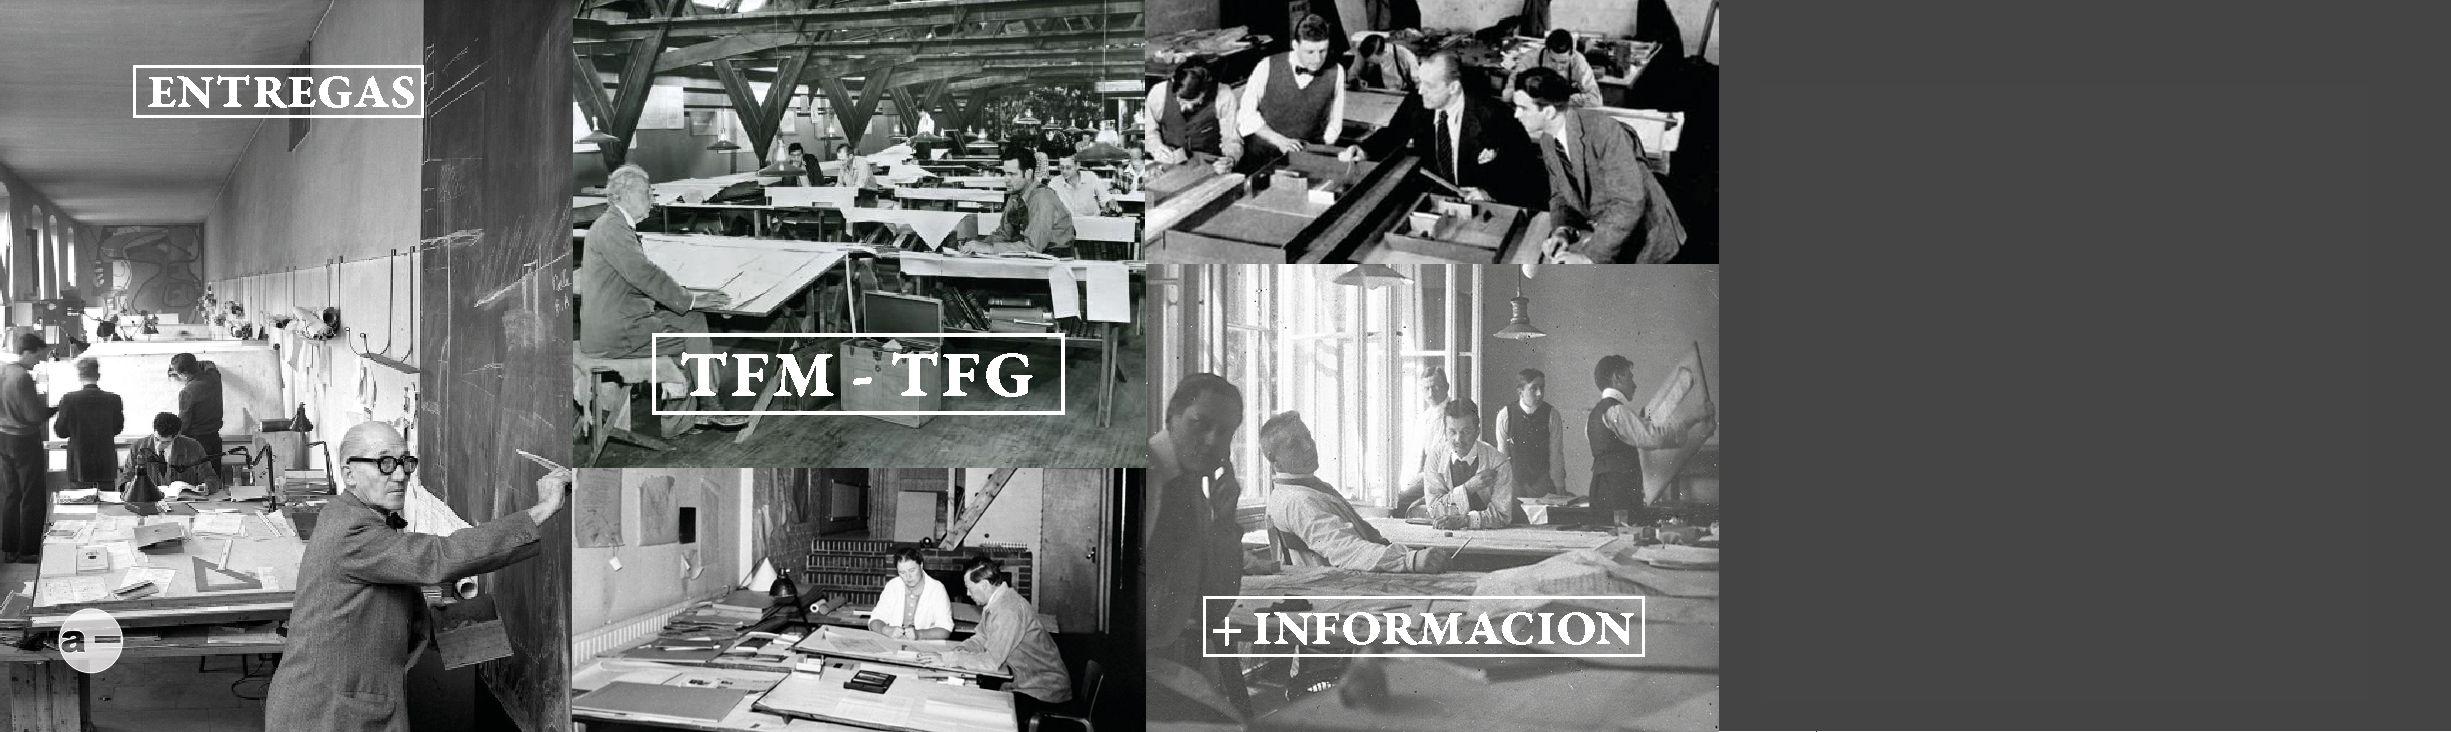 Periodo y condiciones de entrega en la ETSAG en el Máster y en el Grado